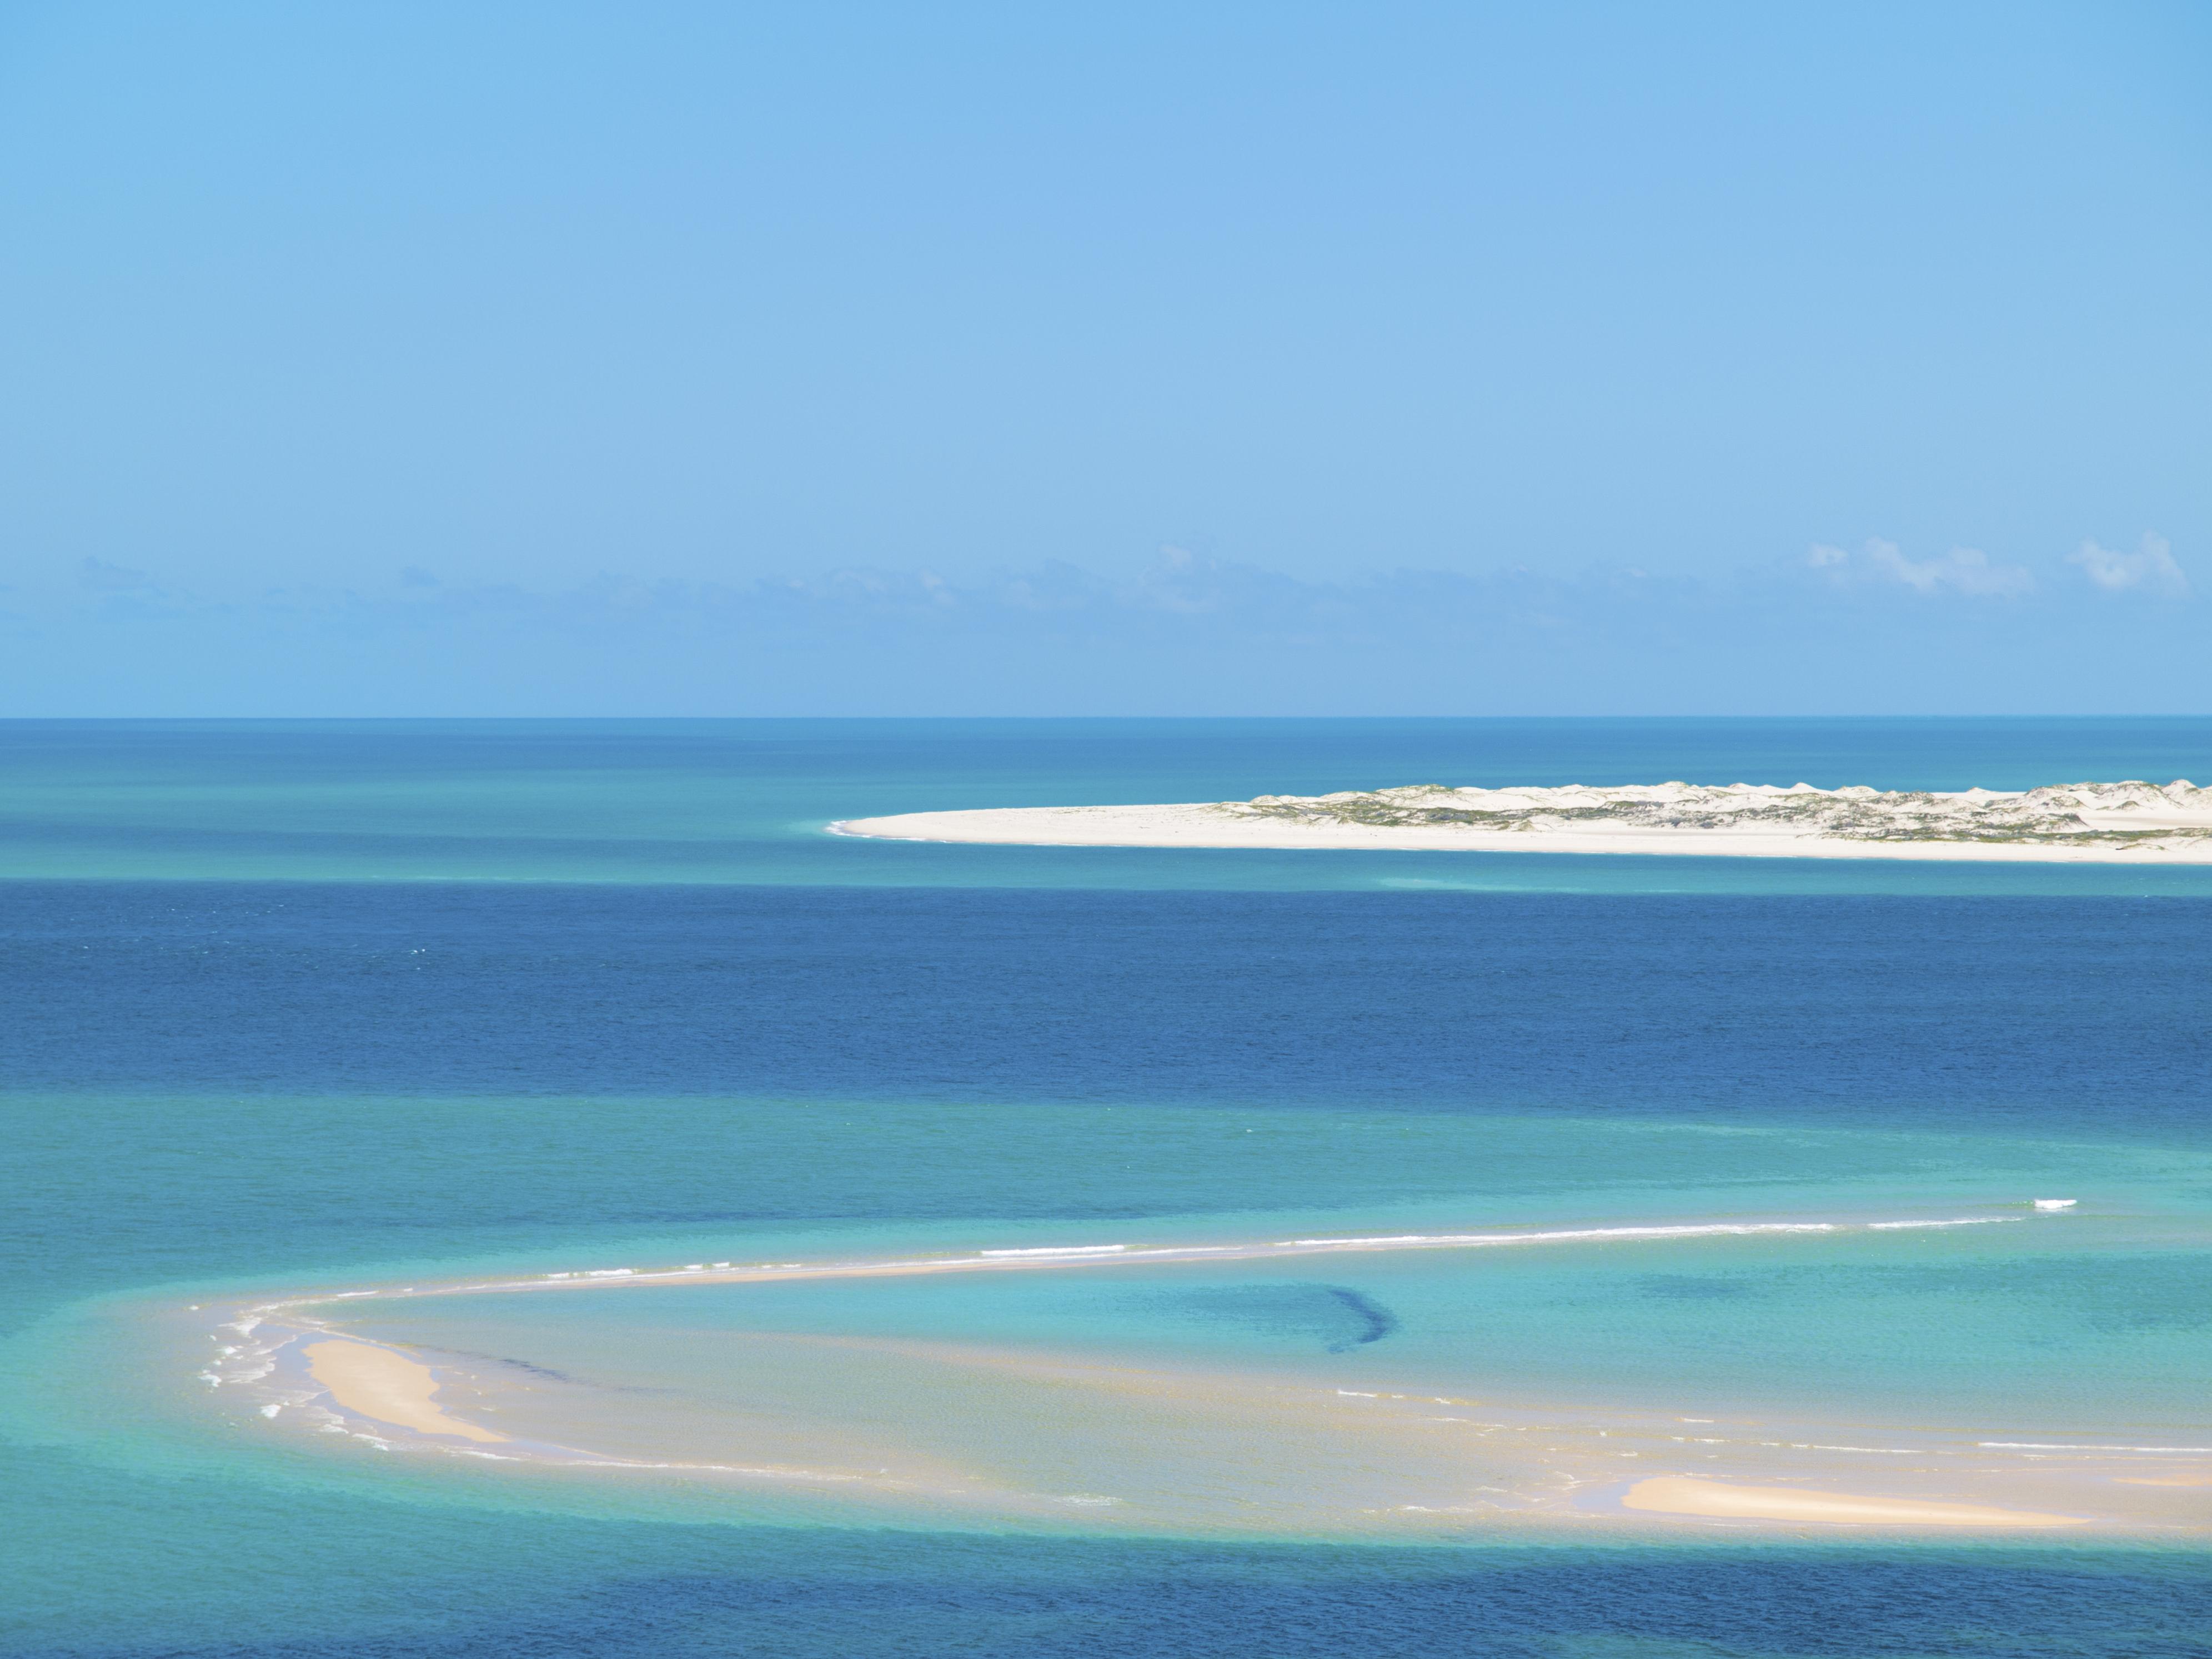 vue du ciel sur l'archipel de Bazaruto avec ses eaux turquoises